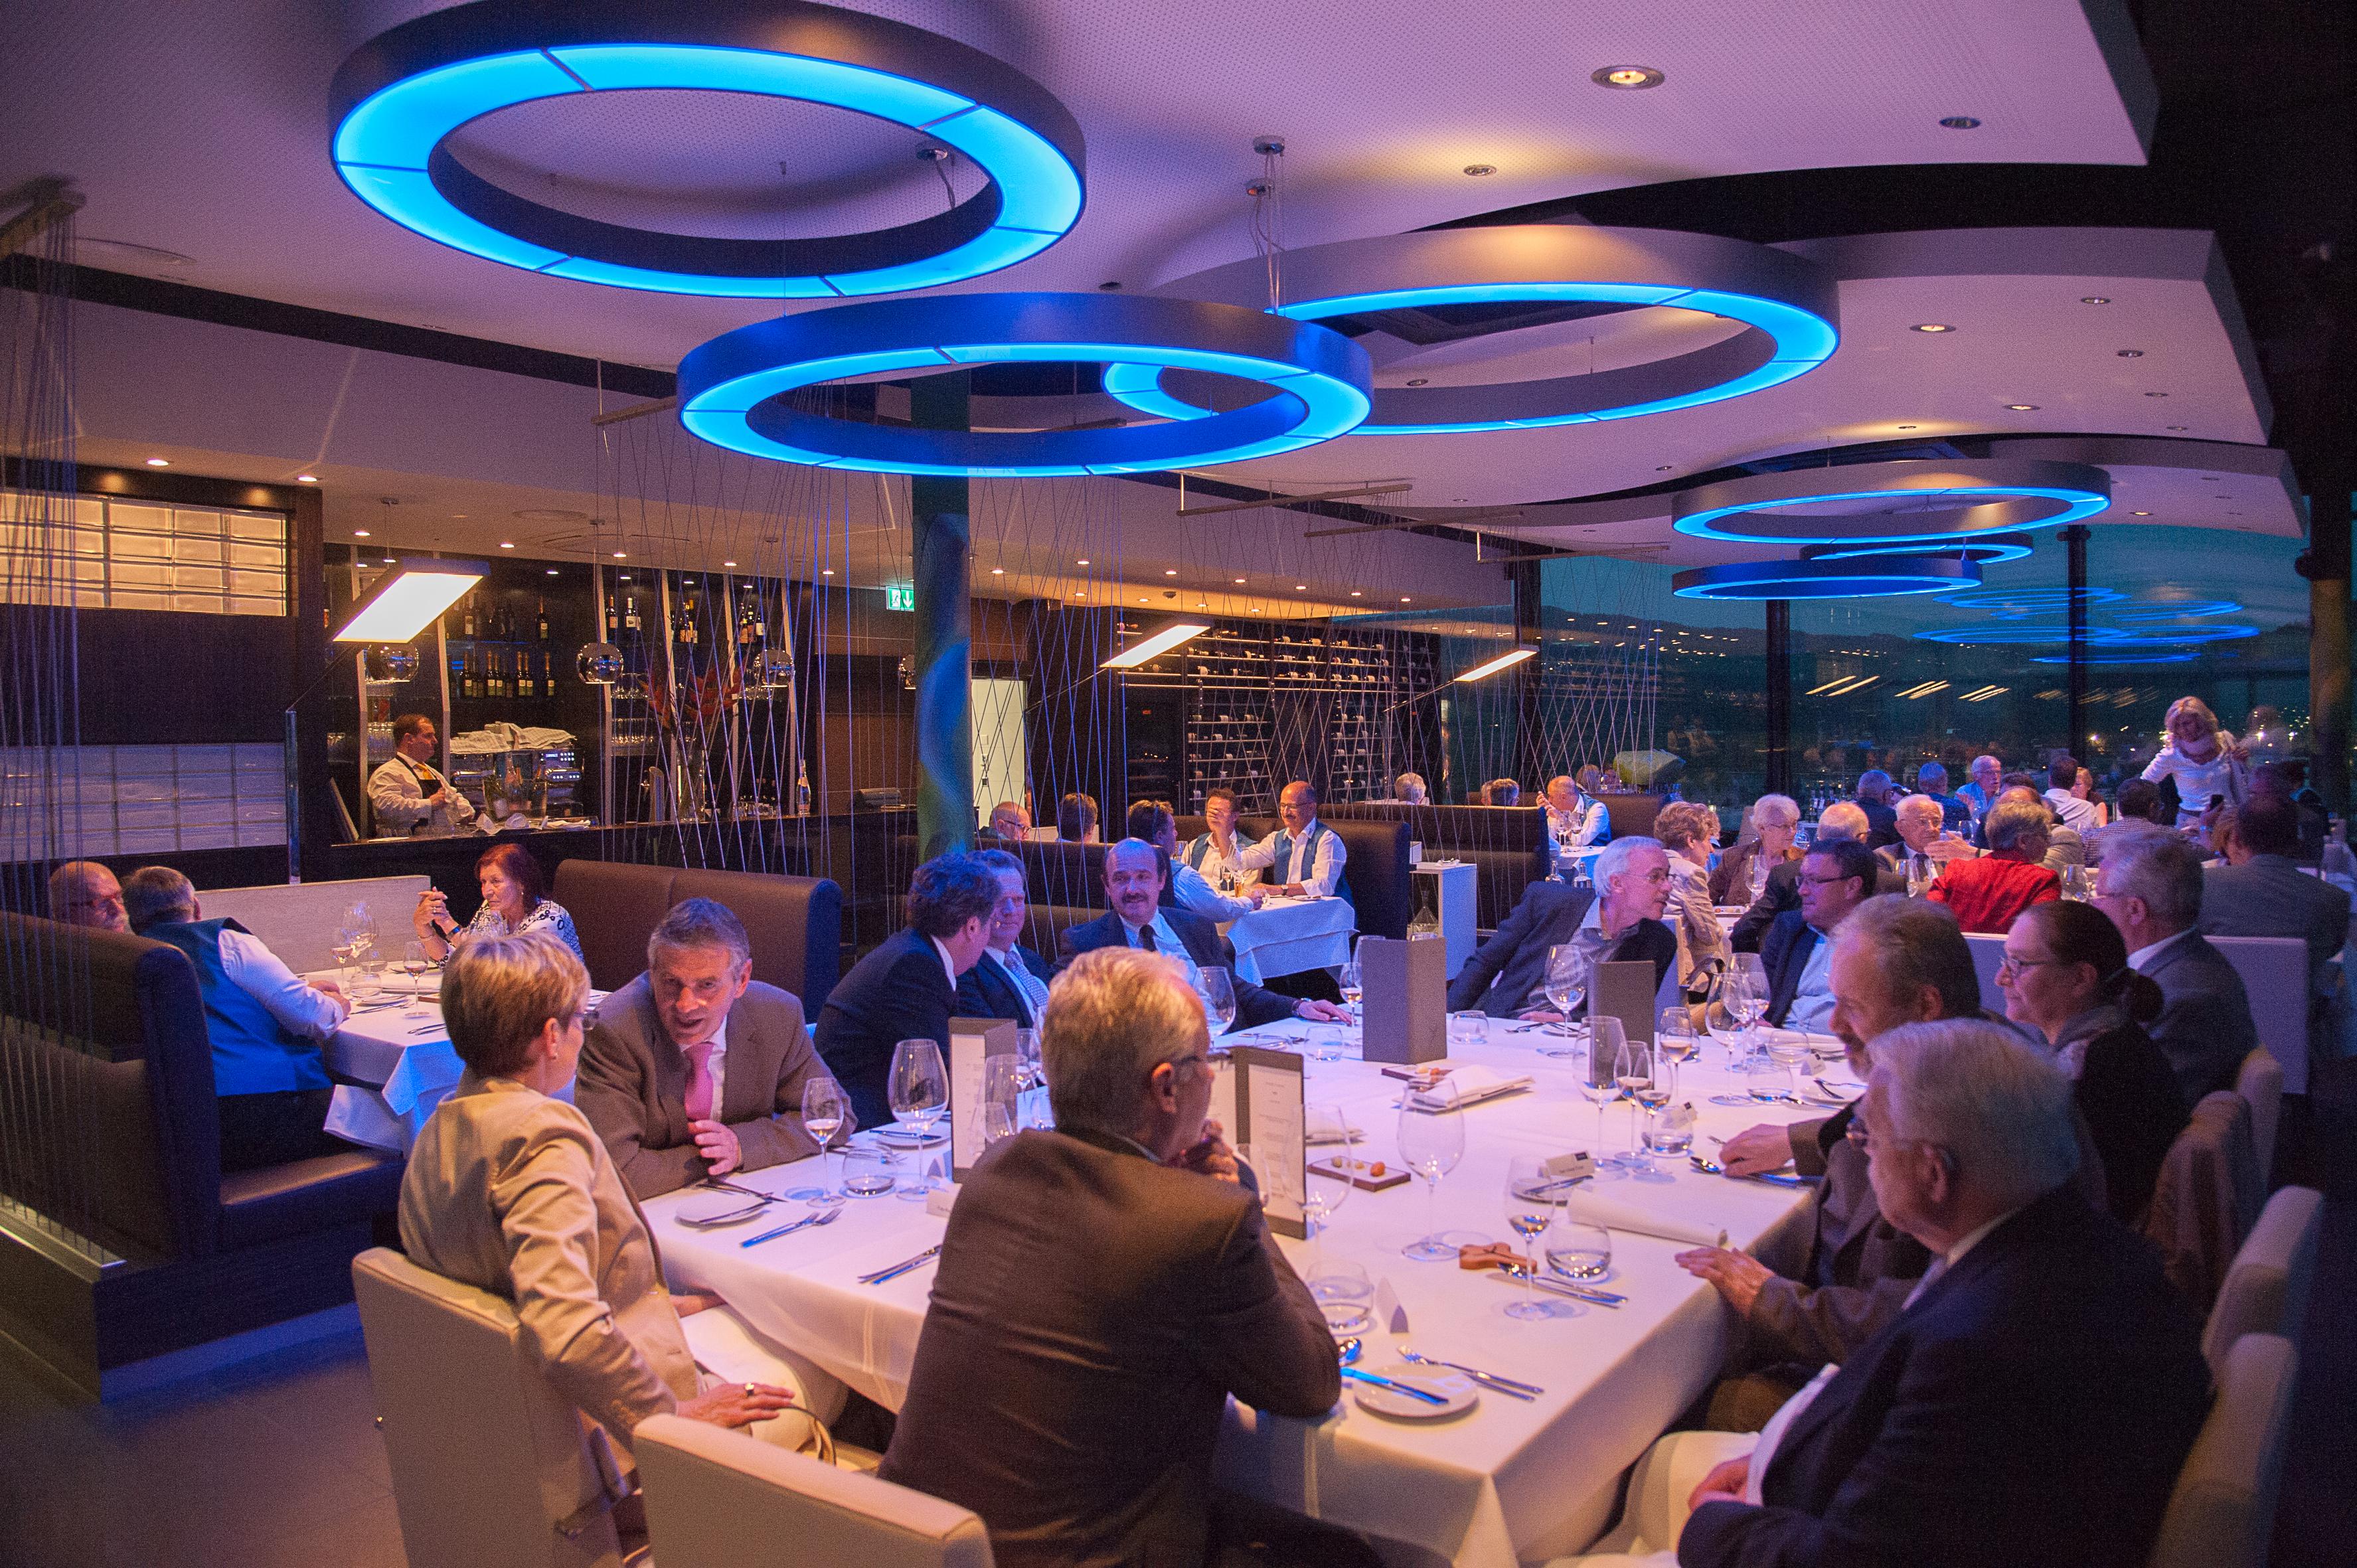 Leuchten Baarcity Restaurant - Baar